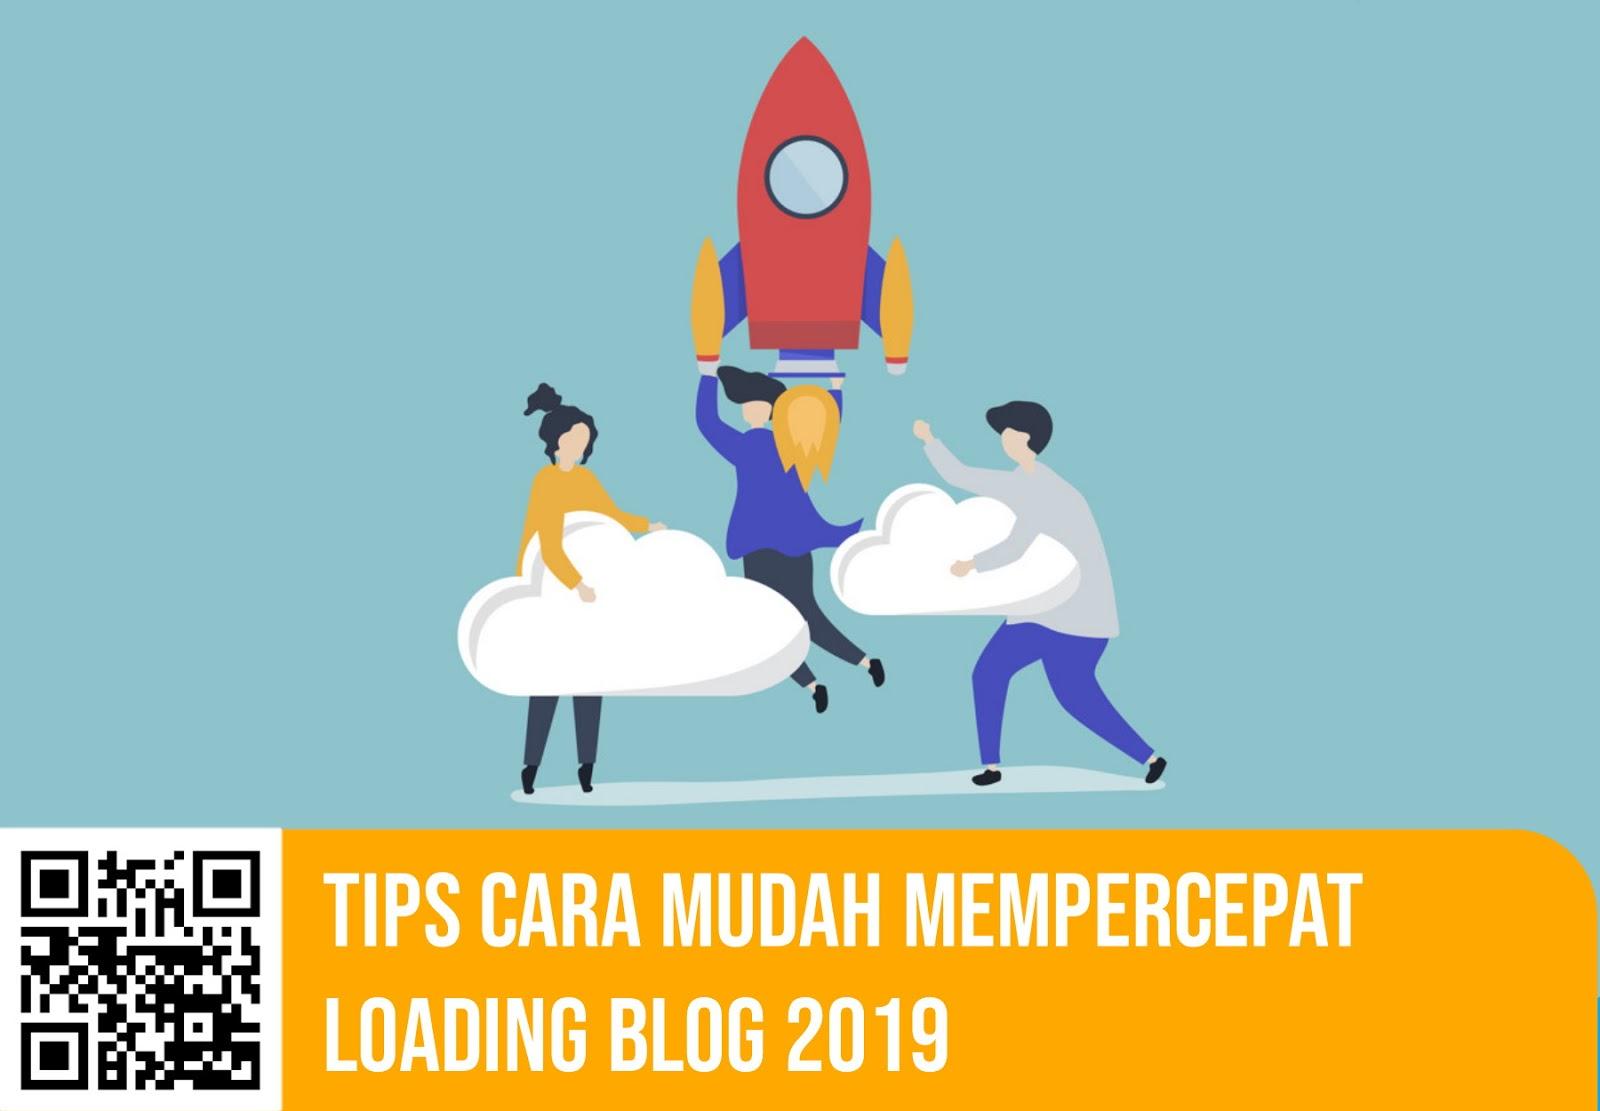 Tips-Cara-Mudah-Mempercepat-Loading-Blog-2019